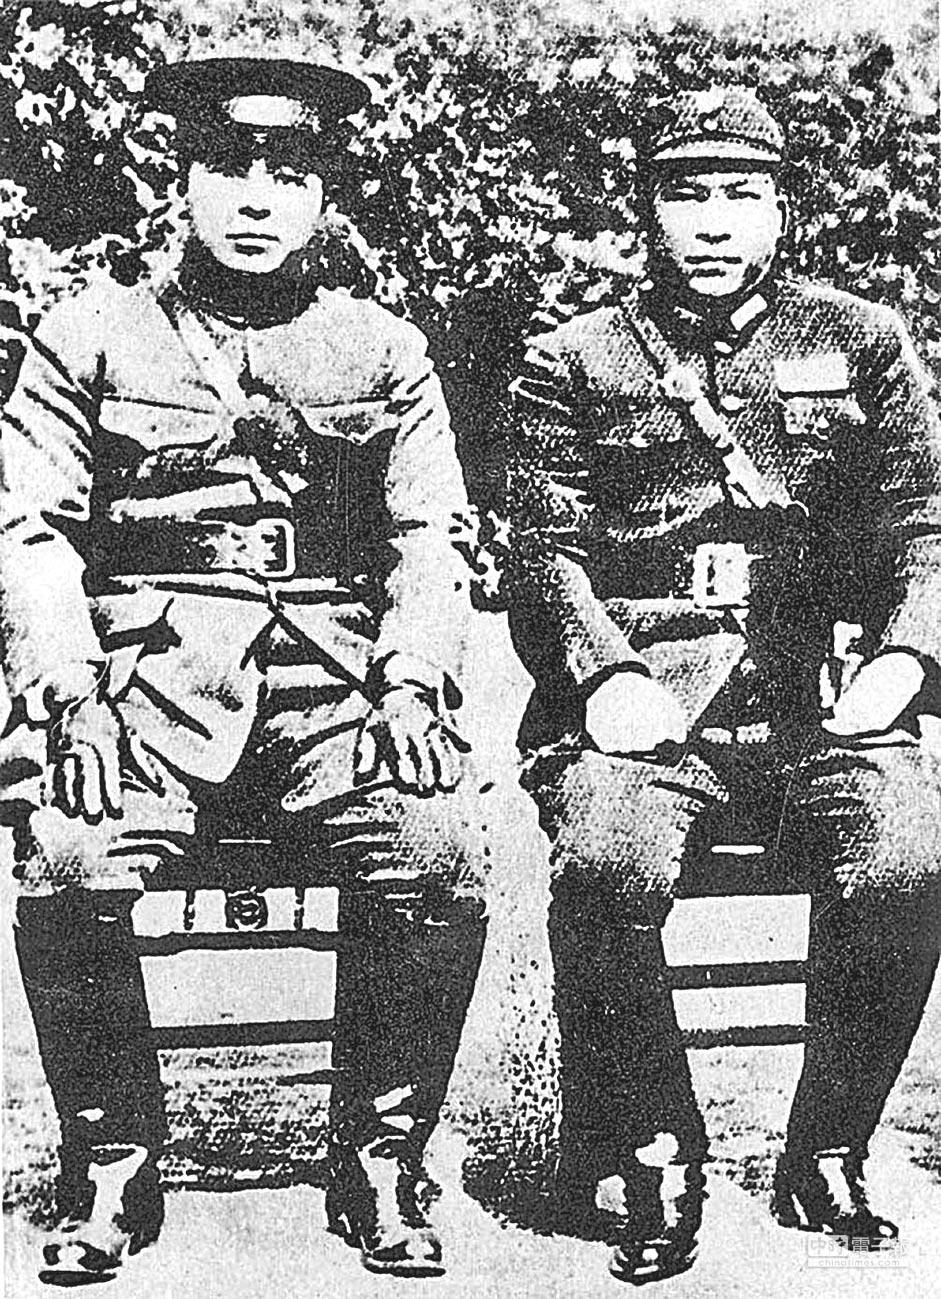 西安事變的主角張學良(左)與楊虎城(右)。(本報系資料照片)